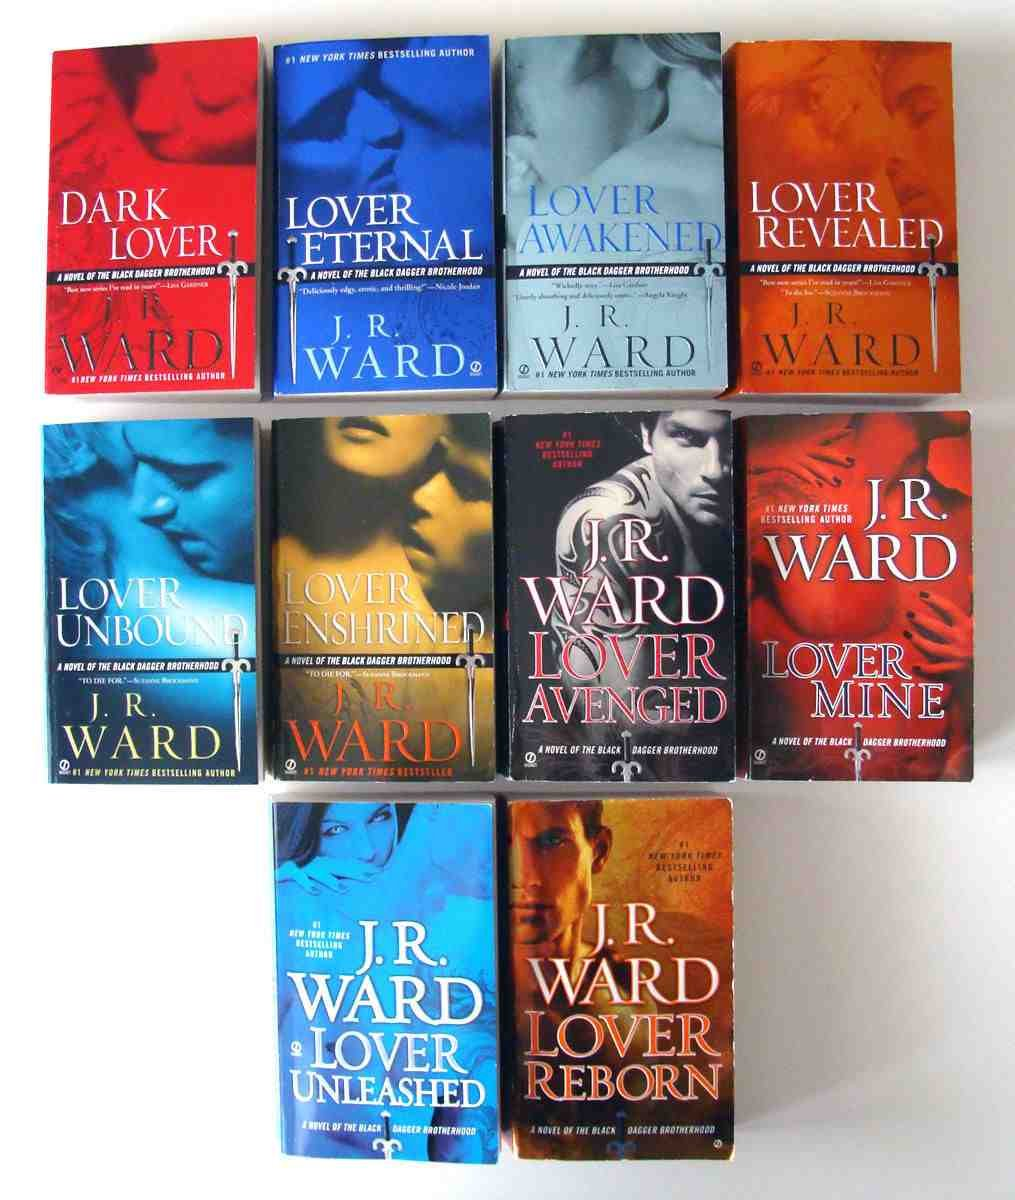 Complete Black Dagger Series Set (books 110): Dark Lover, Lover Eternal,  Lover Awakened, Lover Revealed, Lover Unbound, Lover Enshrined, Lover  Avenged,